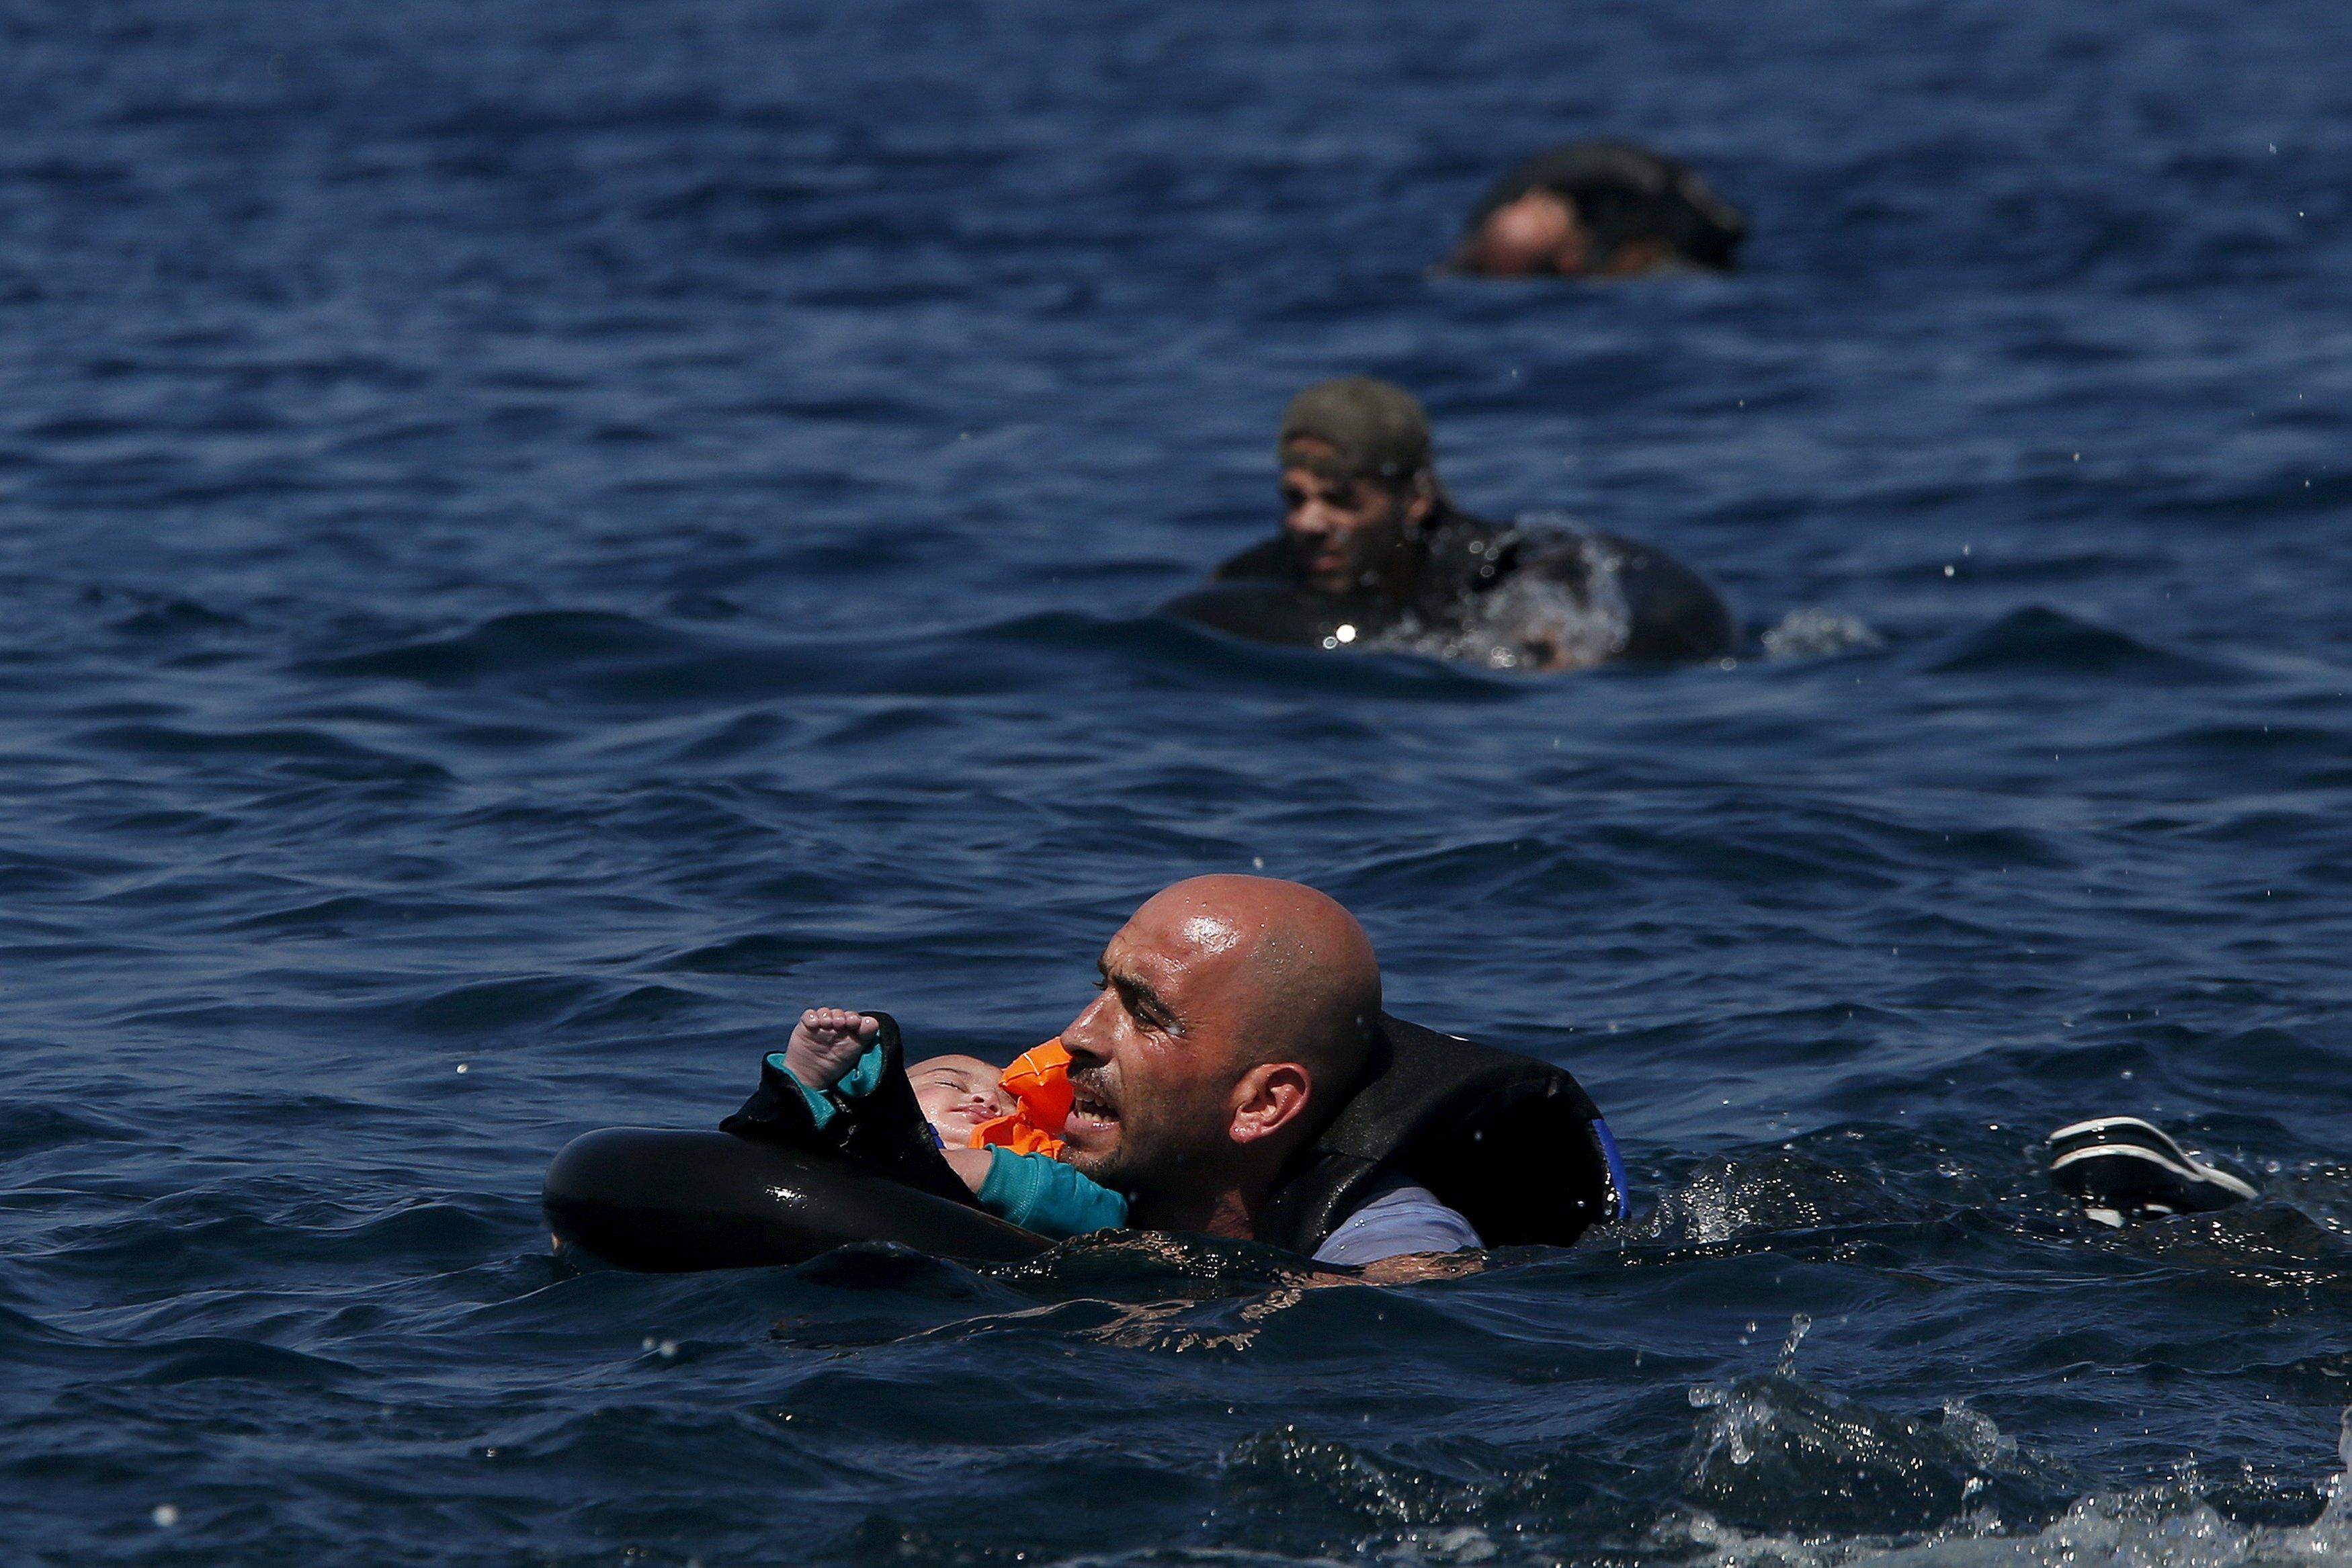 Σχεδόν 100 σοροί προσφύγων και μεταναστών στις ακτές της Λιβύης | tovima.gr